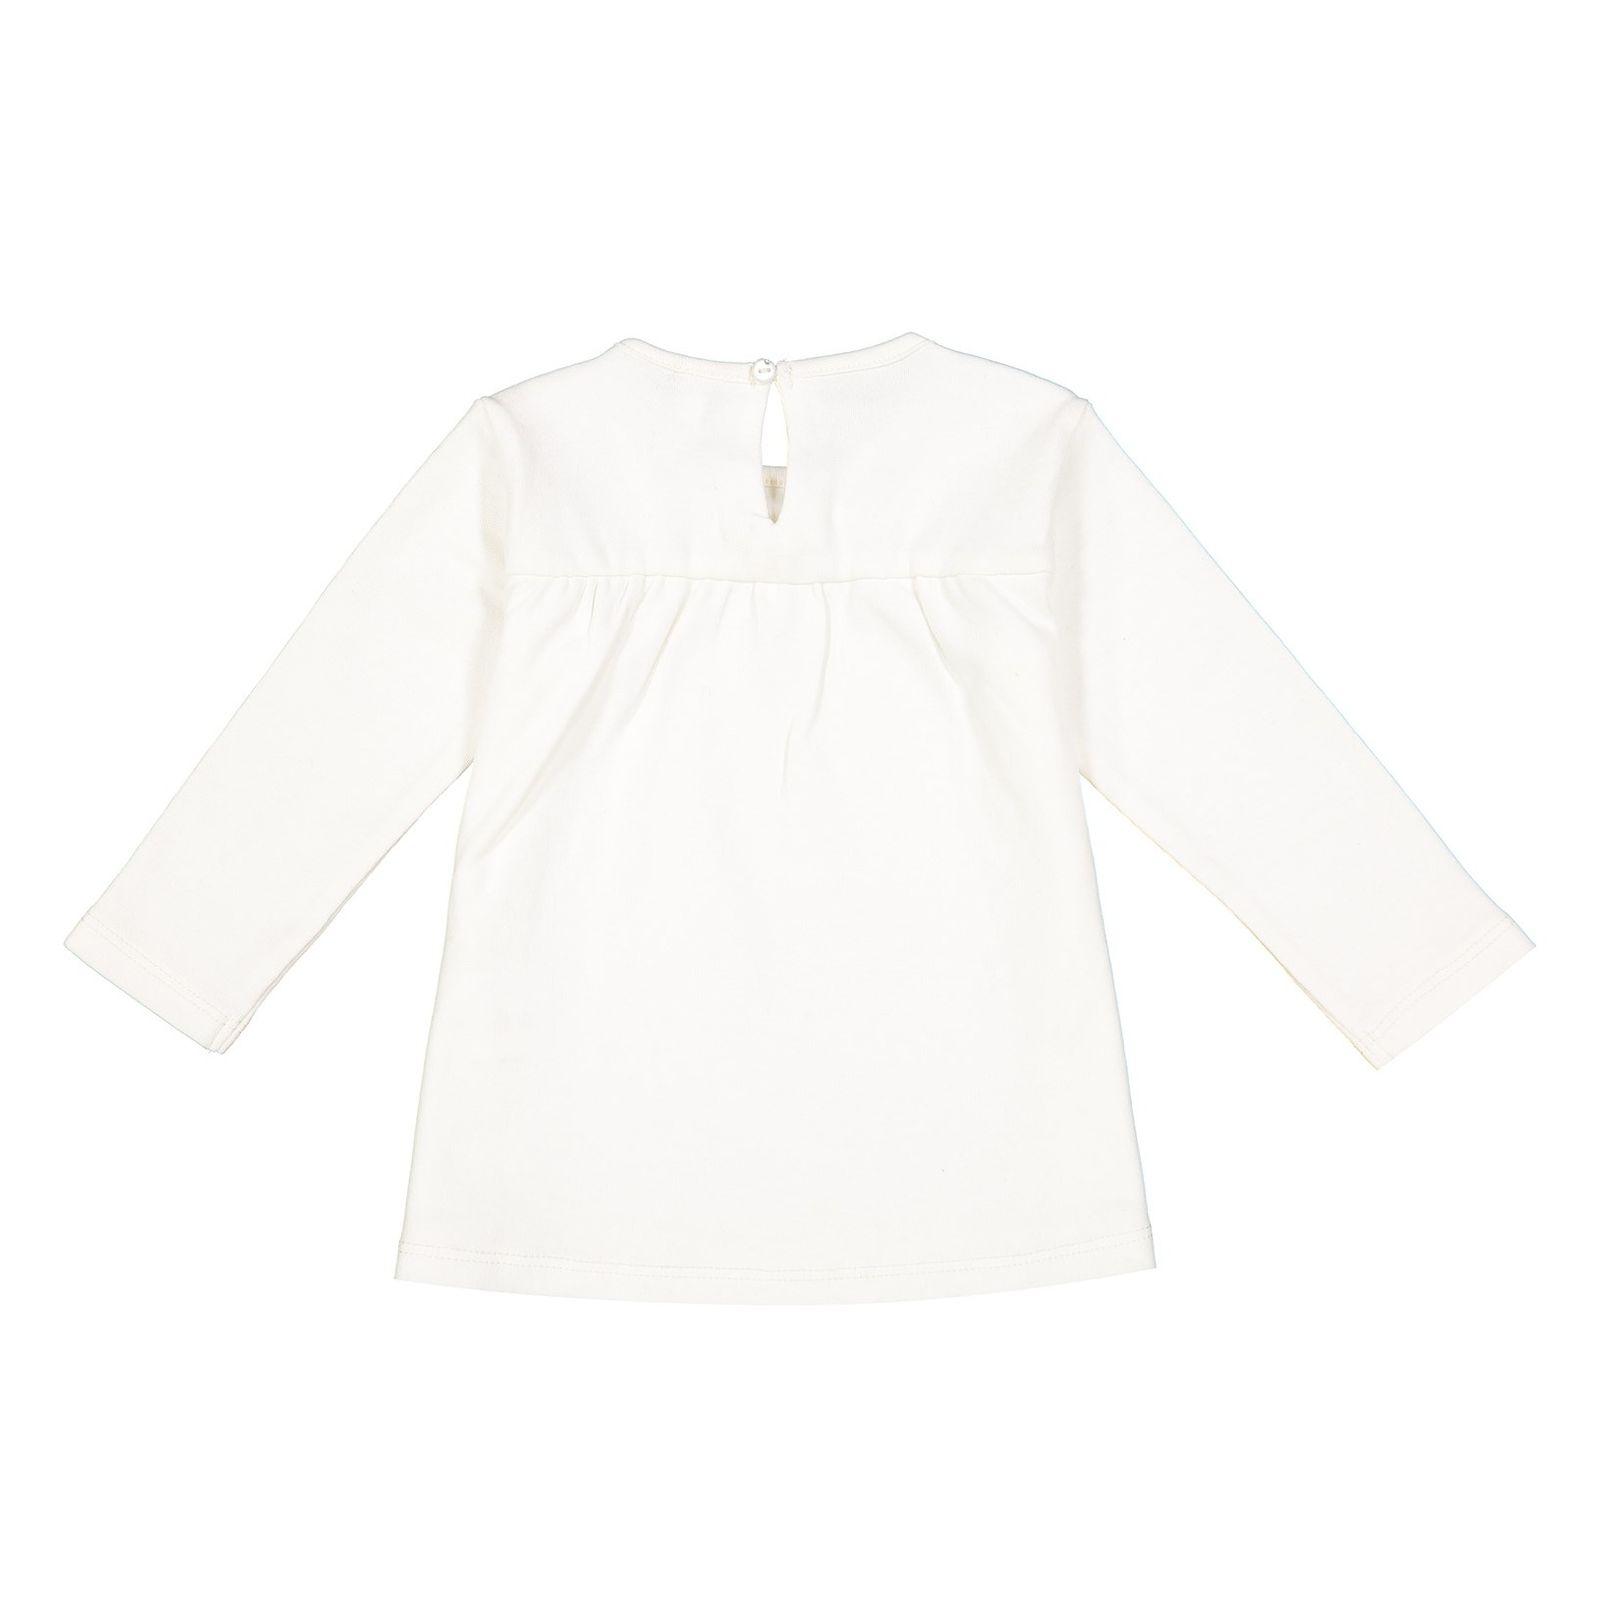 تی شرت نخی یقه گرد نوزادی دخترانه - ایدکس - سفید وانیلی - 2